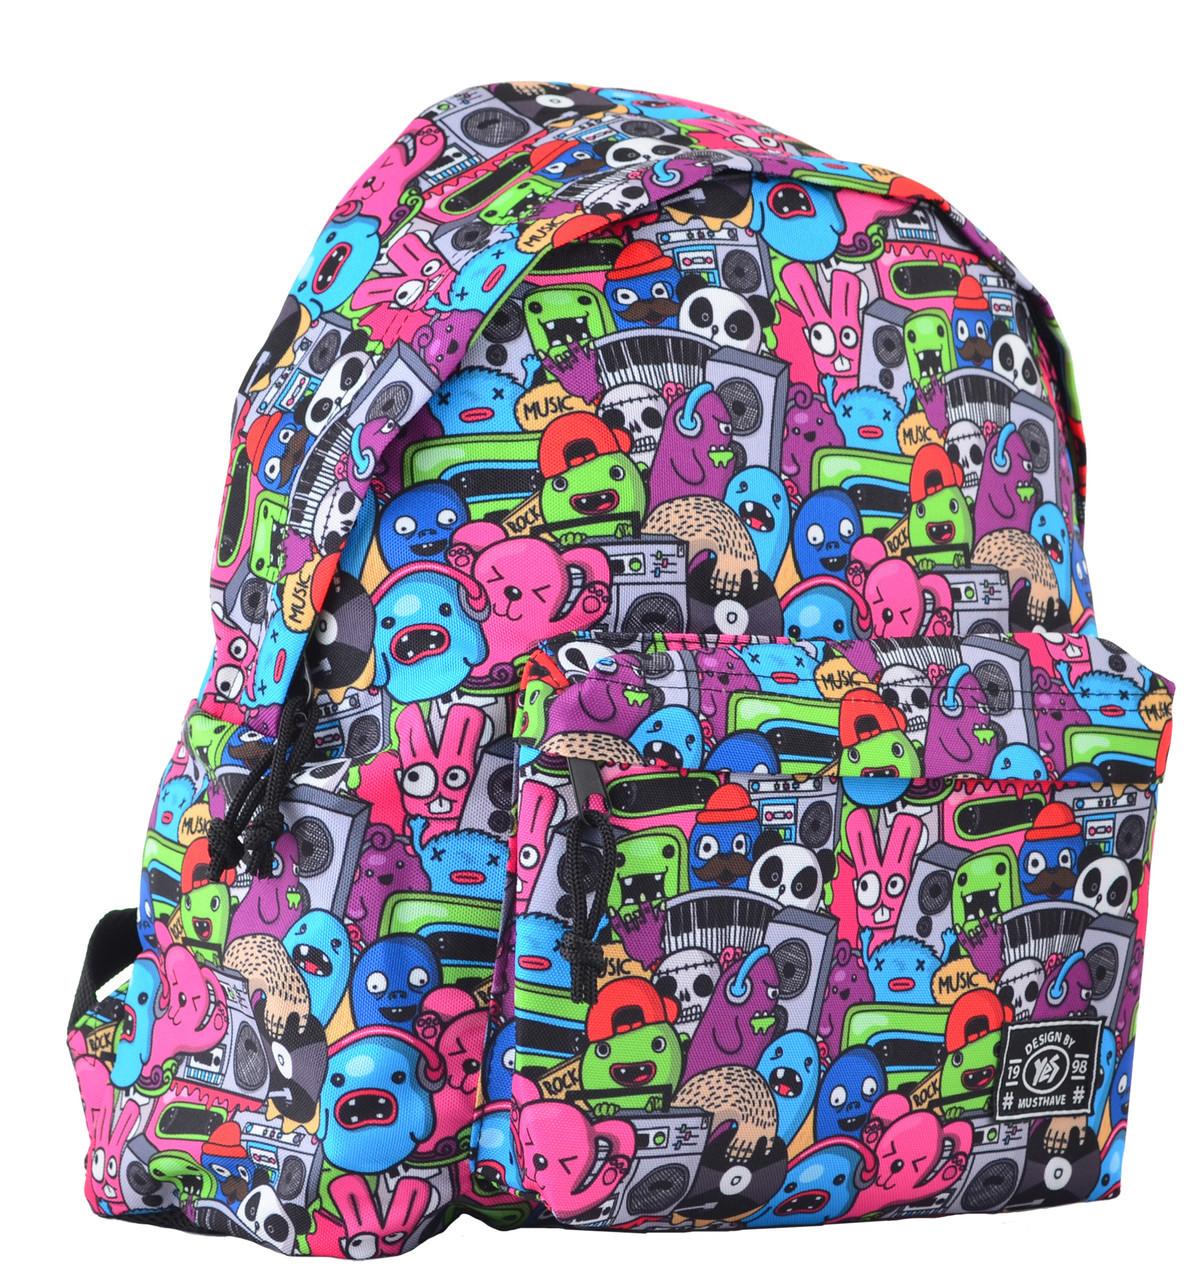 Рюкзак підлітковий ST-17 Crazy muzic, 42*32*12